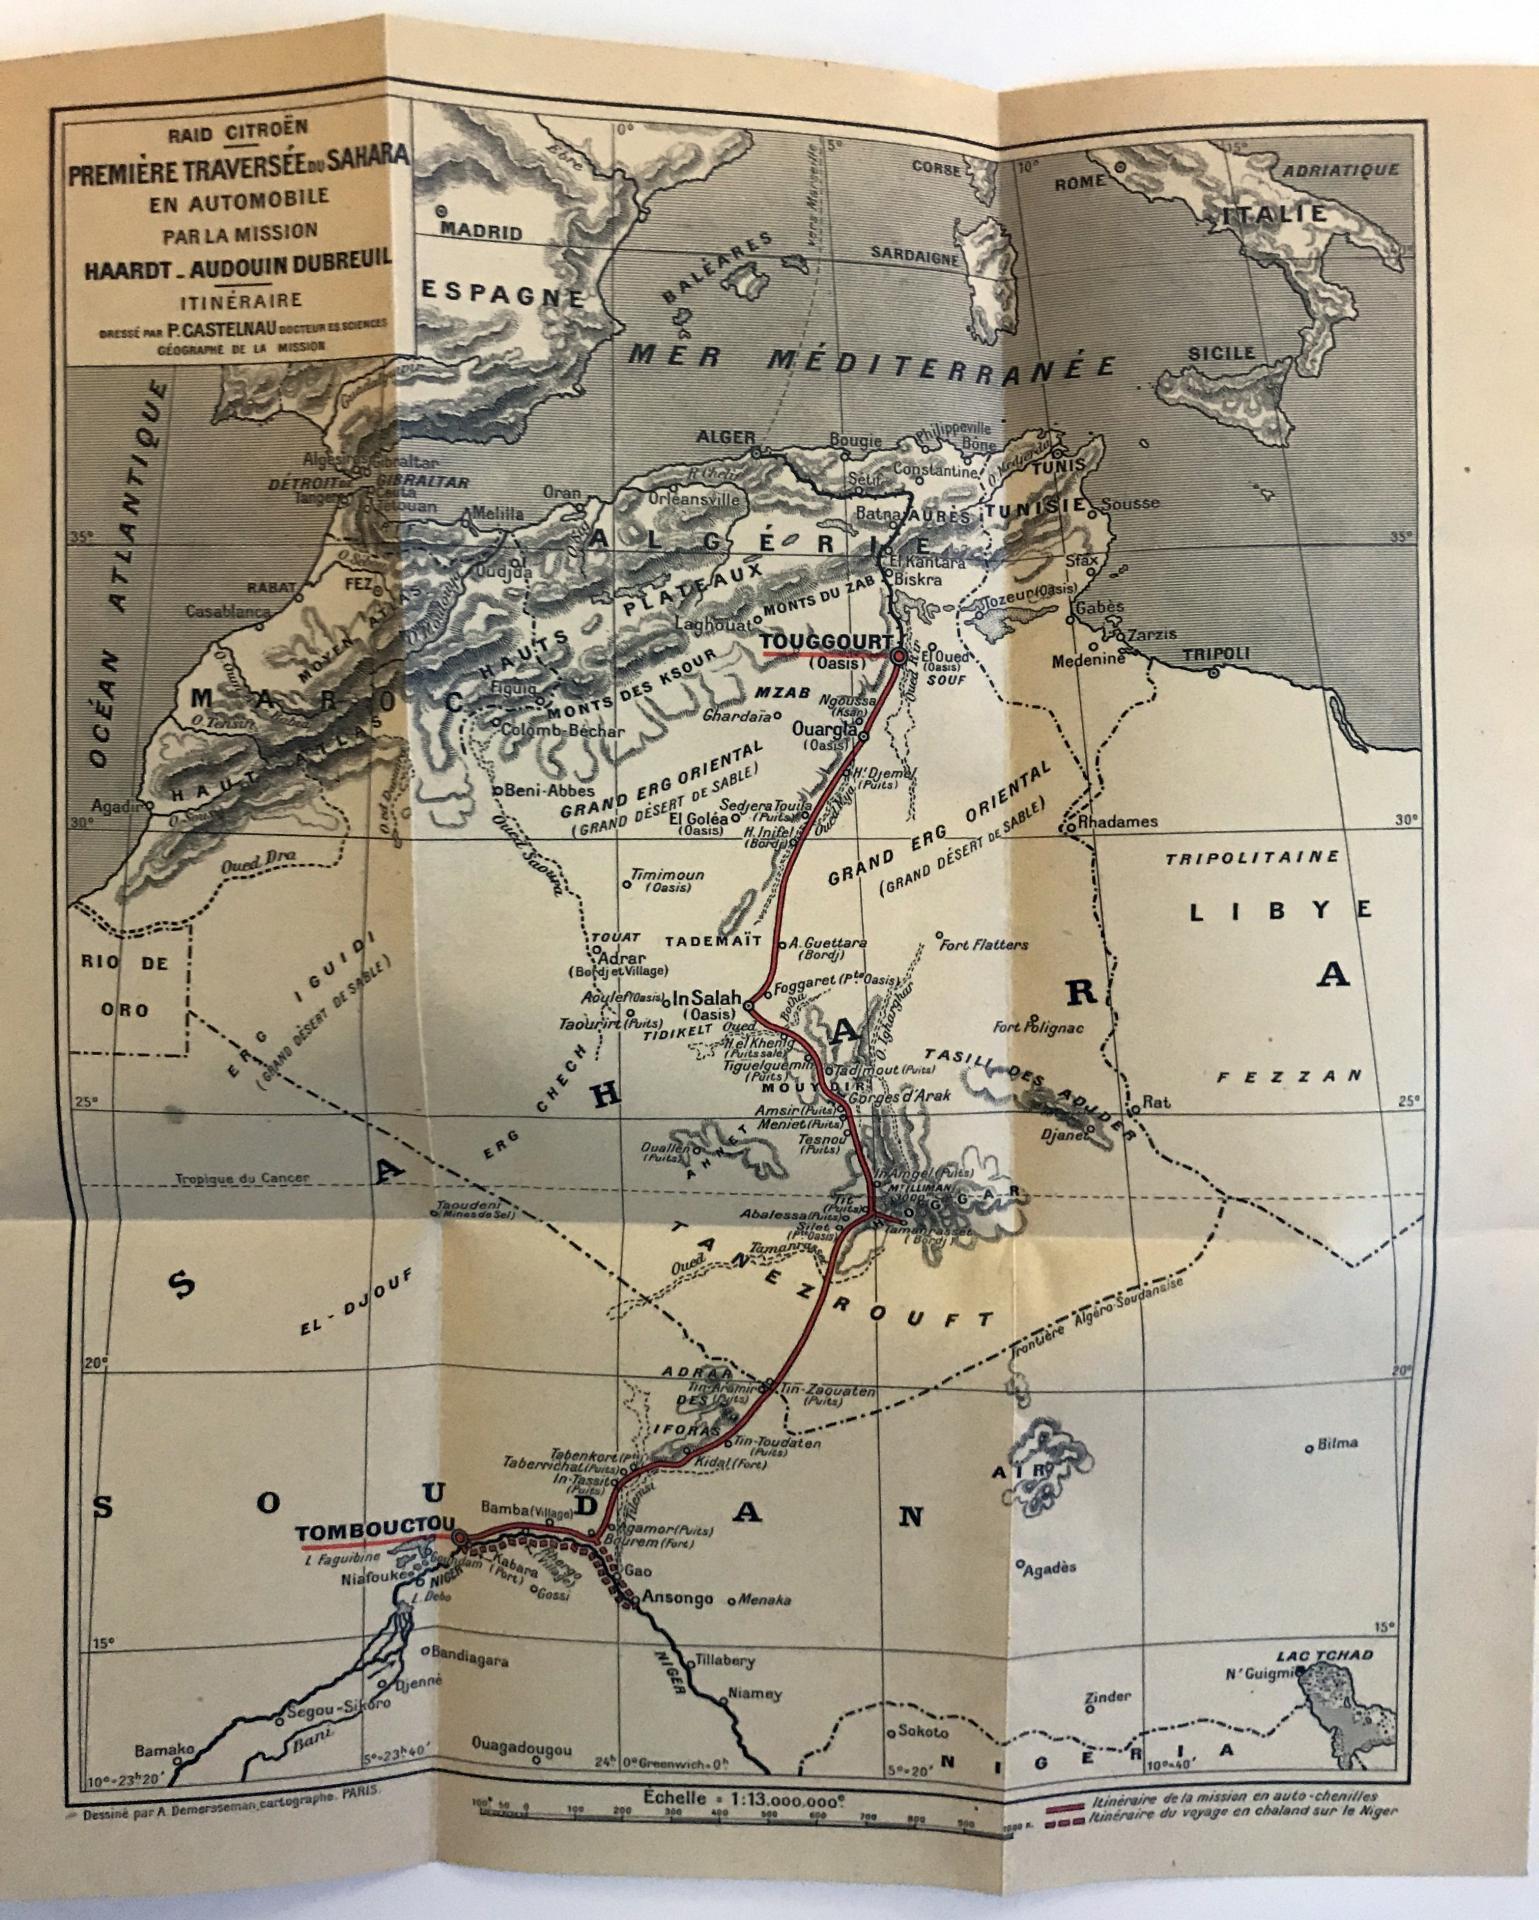 1922 Itinéraire de  la première traversée du Sahara en Autochenilles Citroën